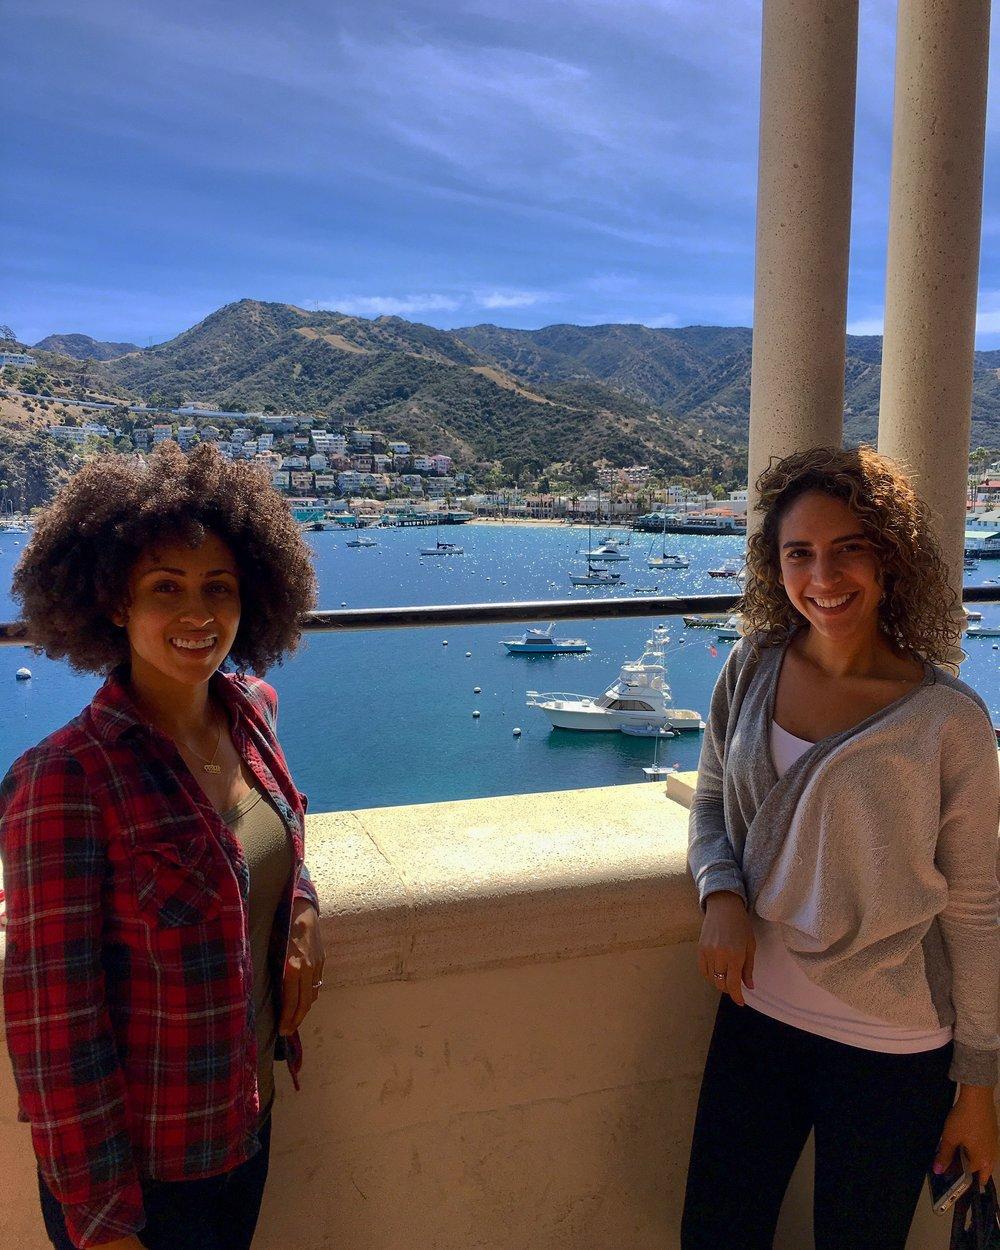 Catalina Casino balcony